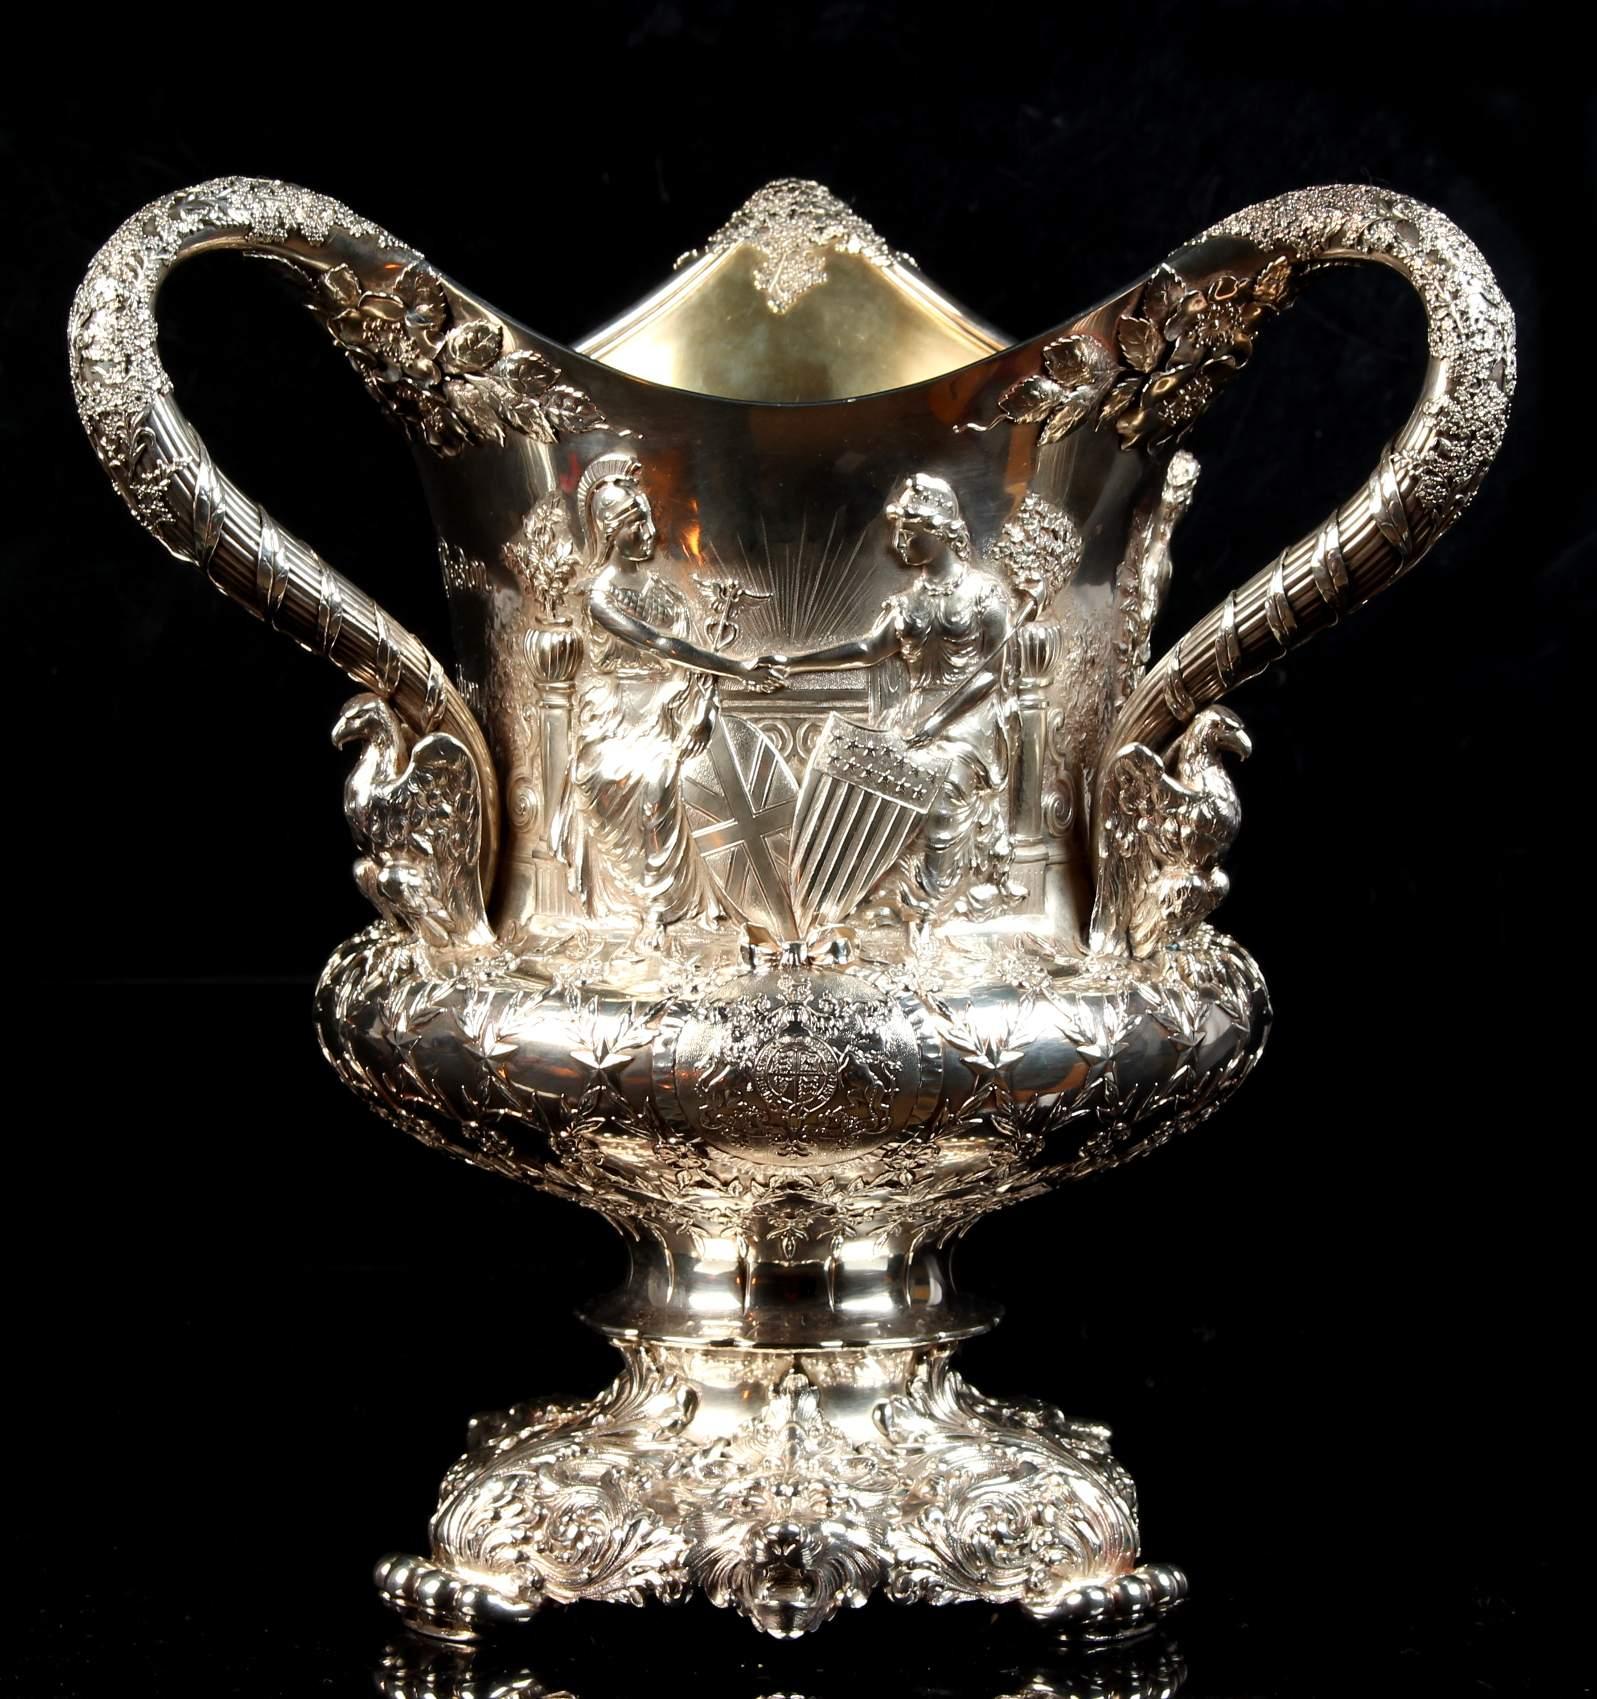 Tiffany cup